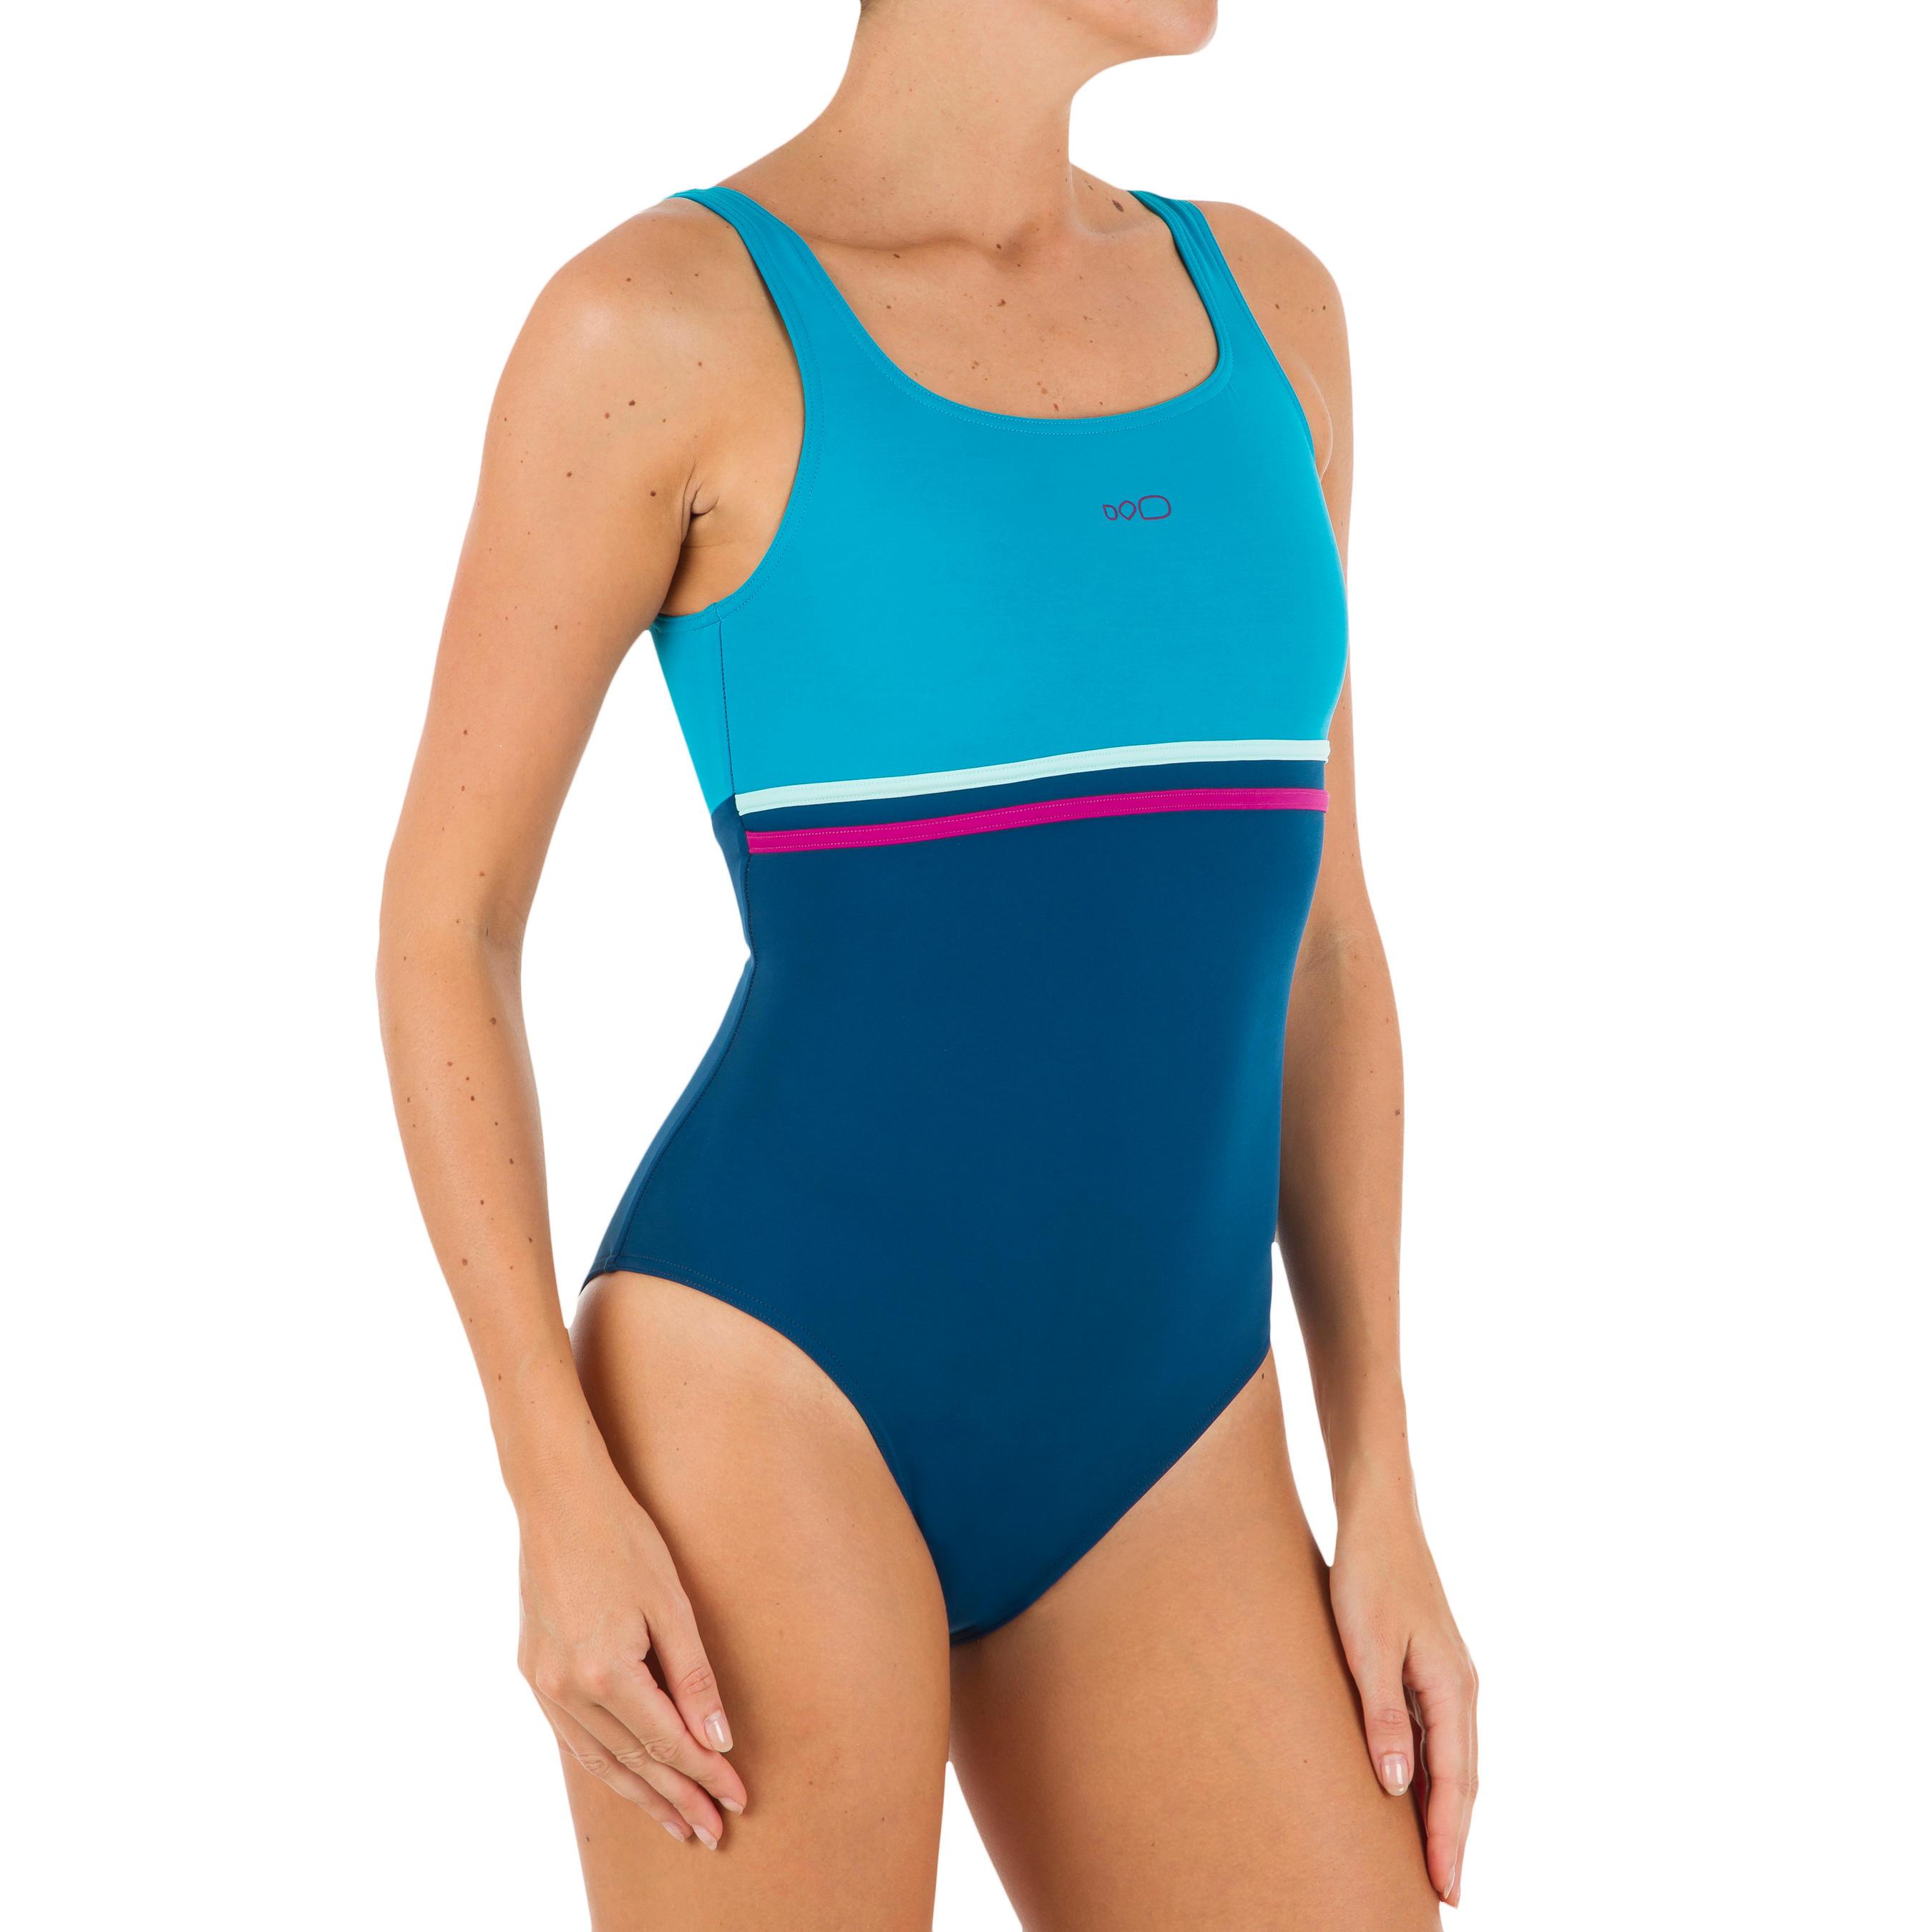 Maillot de bain de natation femme une pièce Loran gris bleu